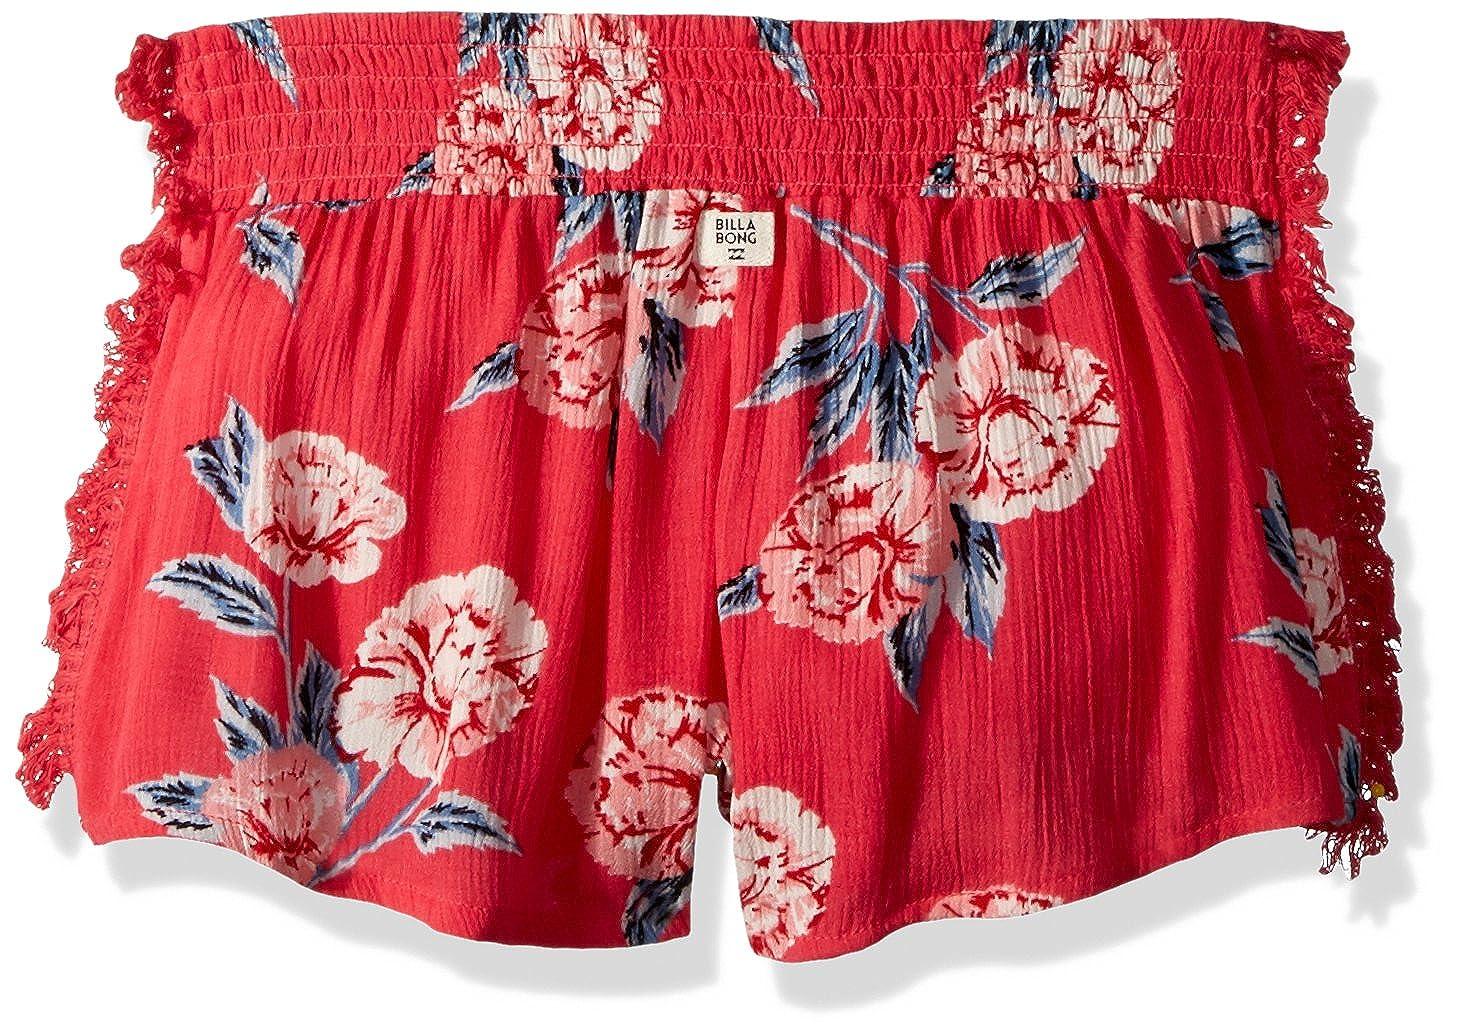 9ecc37dff7 Amazon.com: Billabong Girls' Big Spinner Short: Clothing